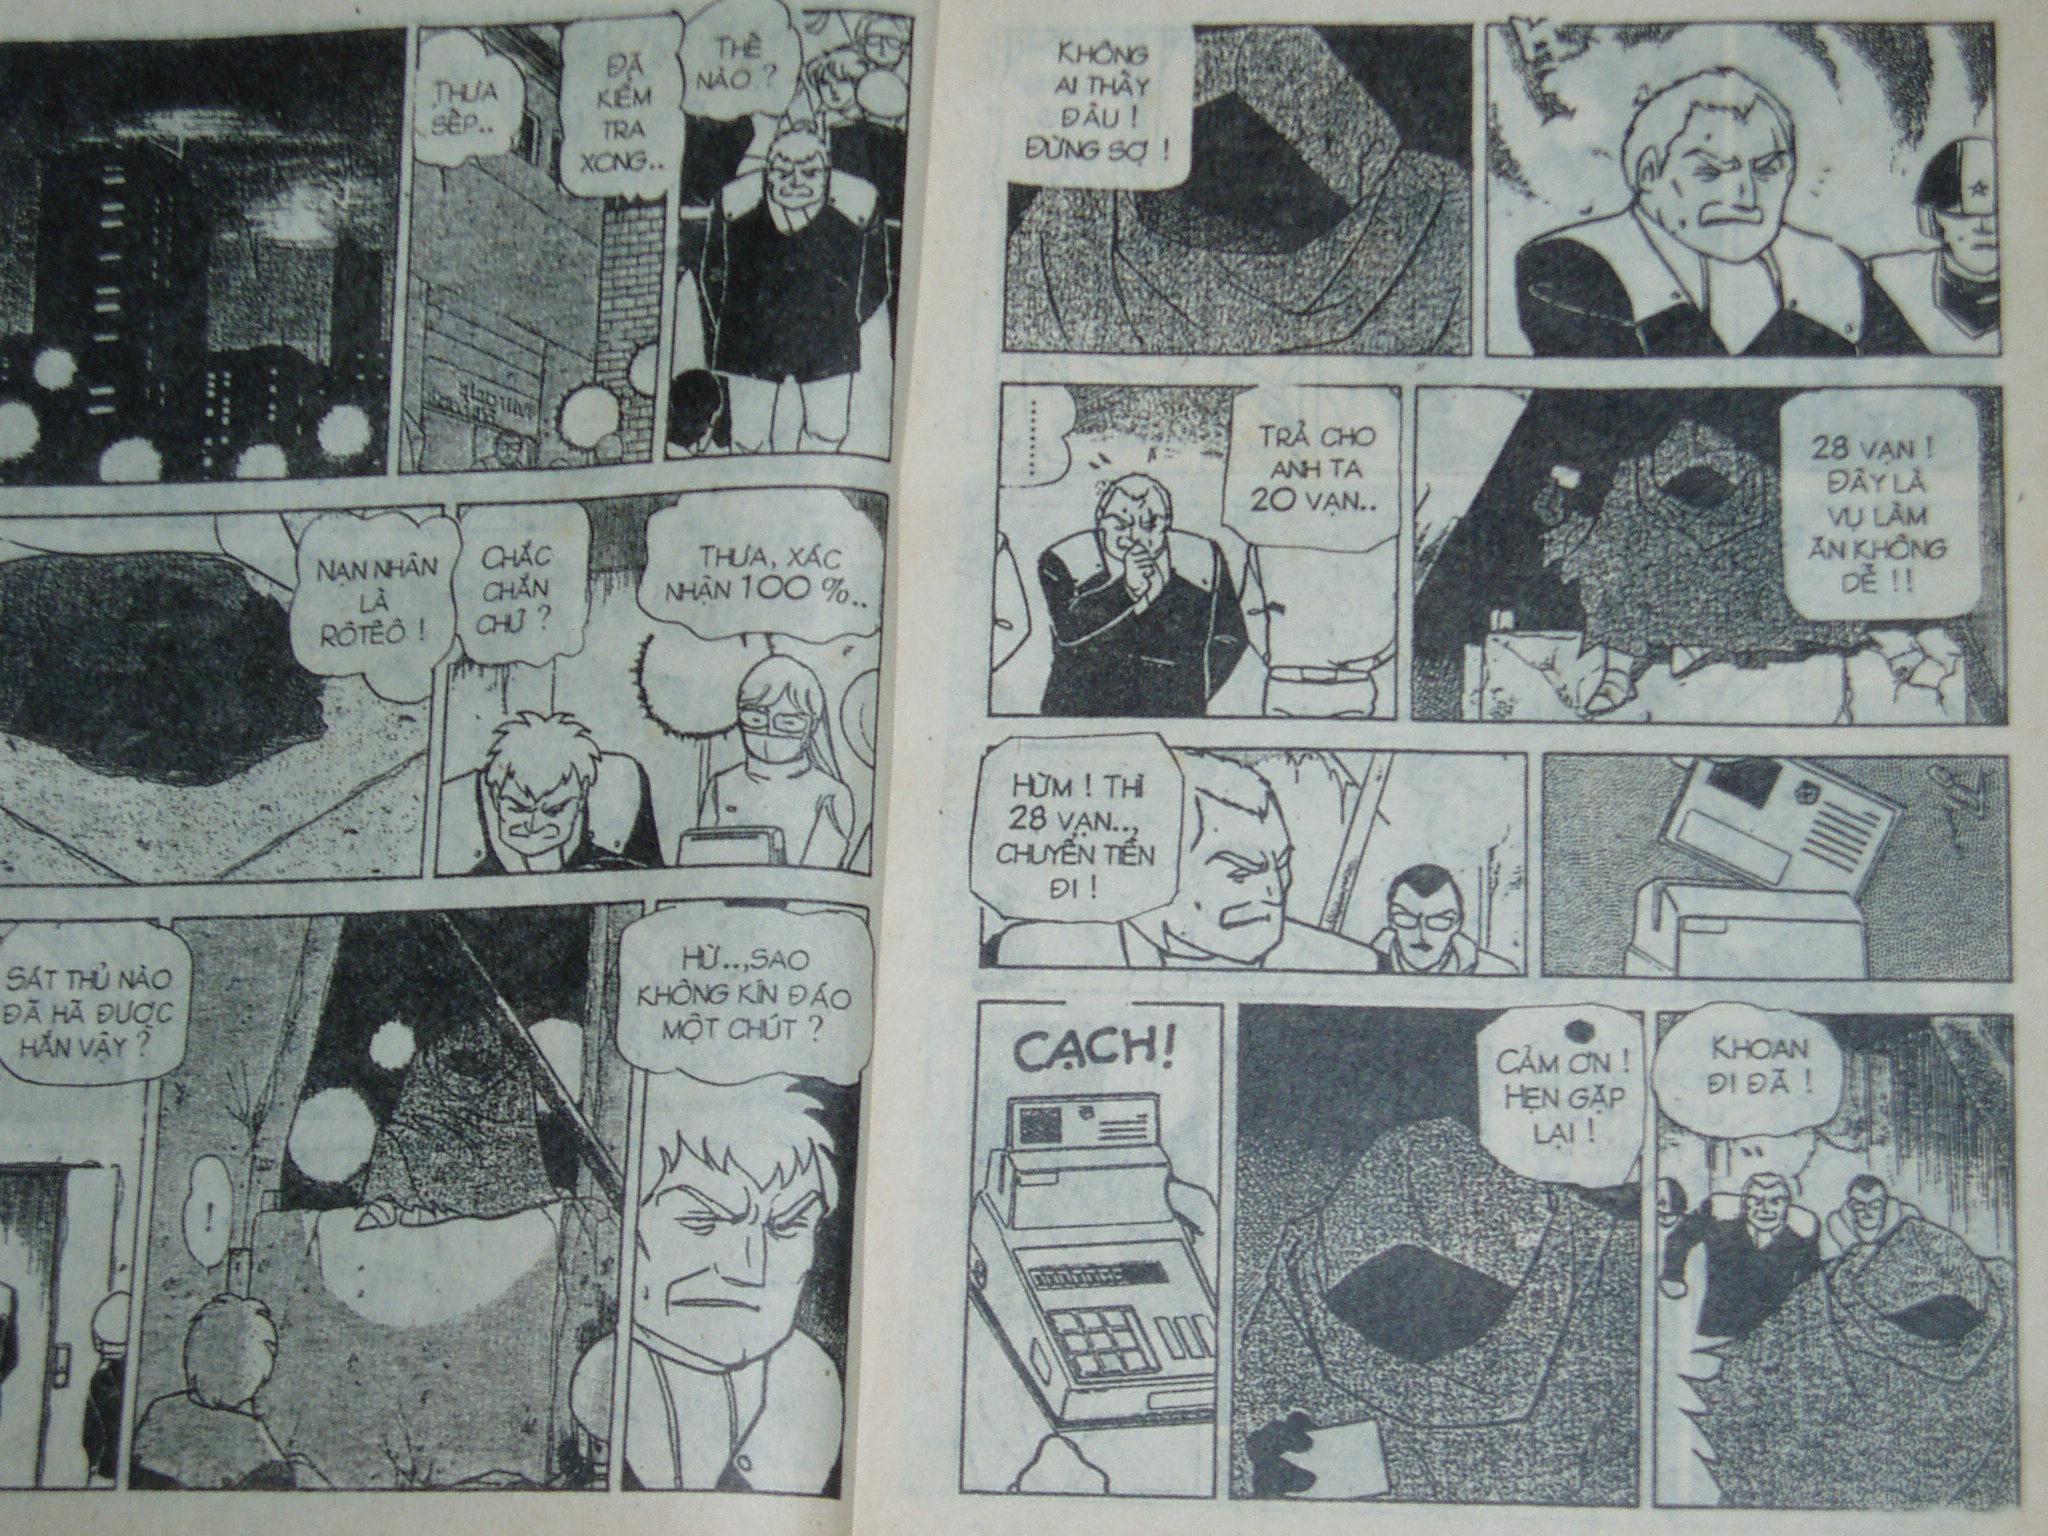 Siêu nhân Locke vol 16 trang 4